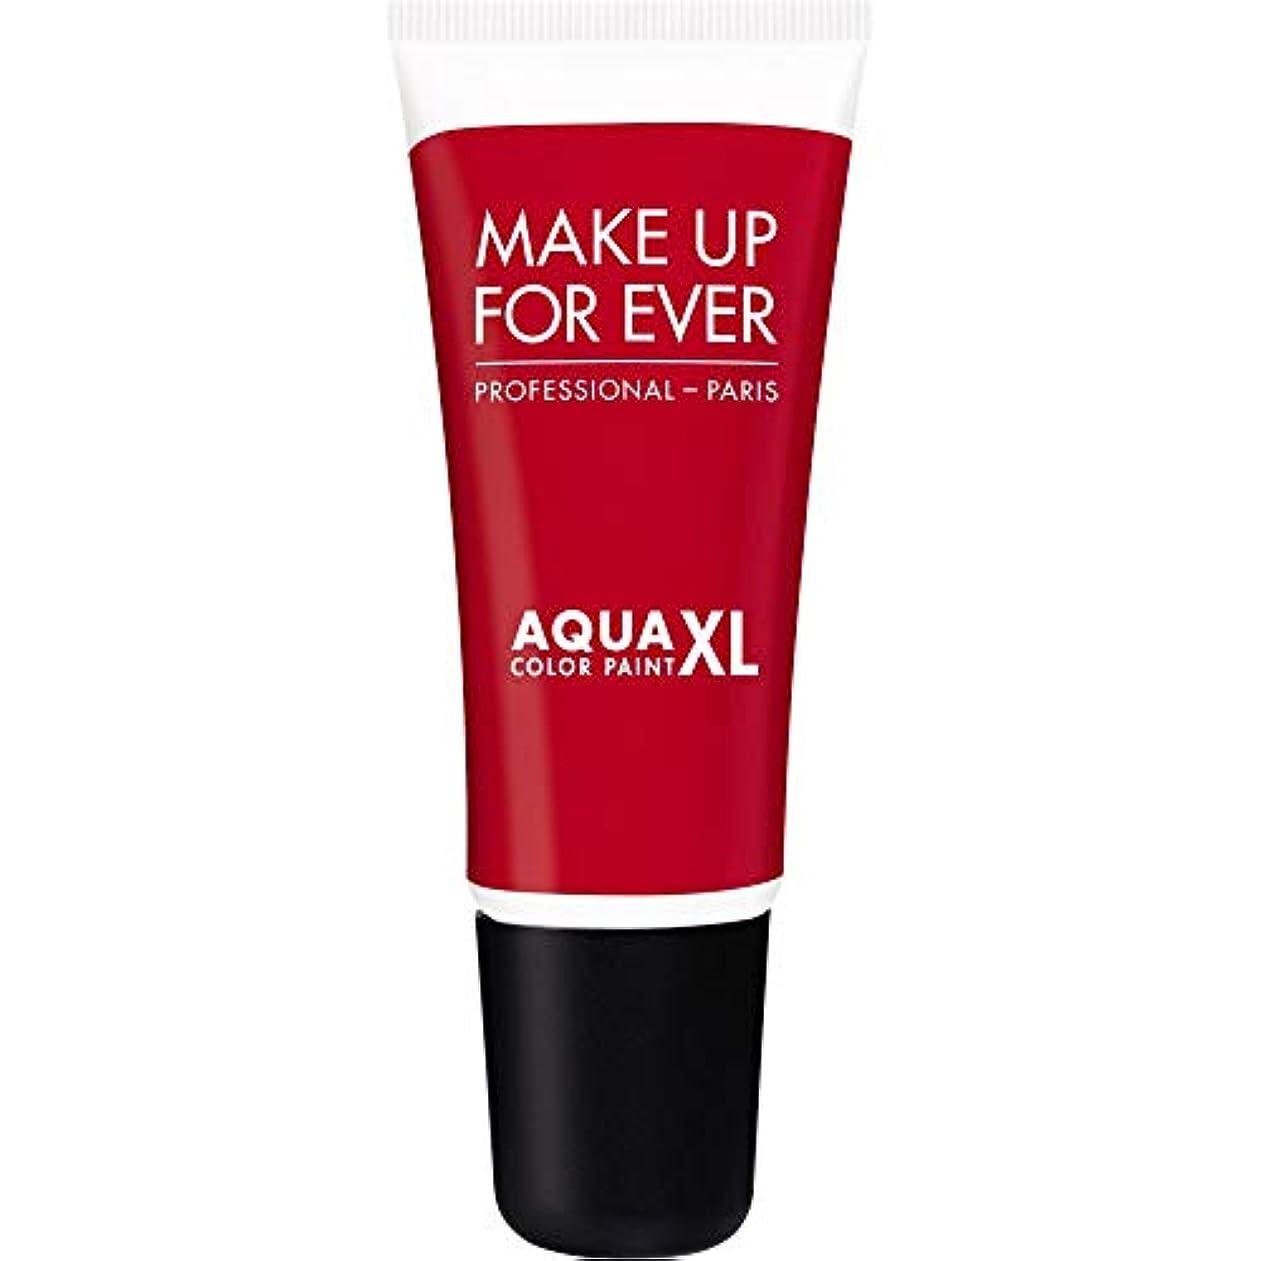 メロディアス繁栄農業[MAKE UP FOR EVER] 防水アイシャドウ4.8ミリリットルのM-72 - - マット赤史上アクアXl色の塗料を補います - MAKE UP FOR EVER Aqua XL Color Paint - Waterproof Eyeshadow 4.8ml M-72 - Matte Red [並行輸入品]